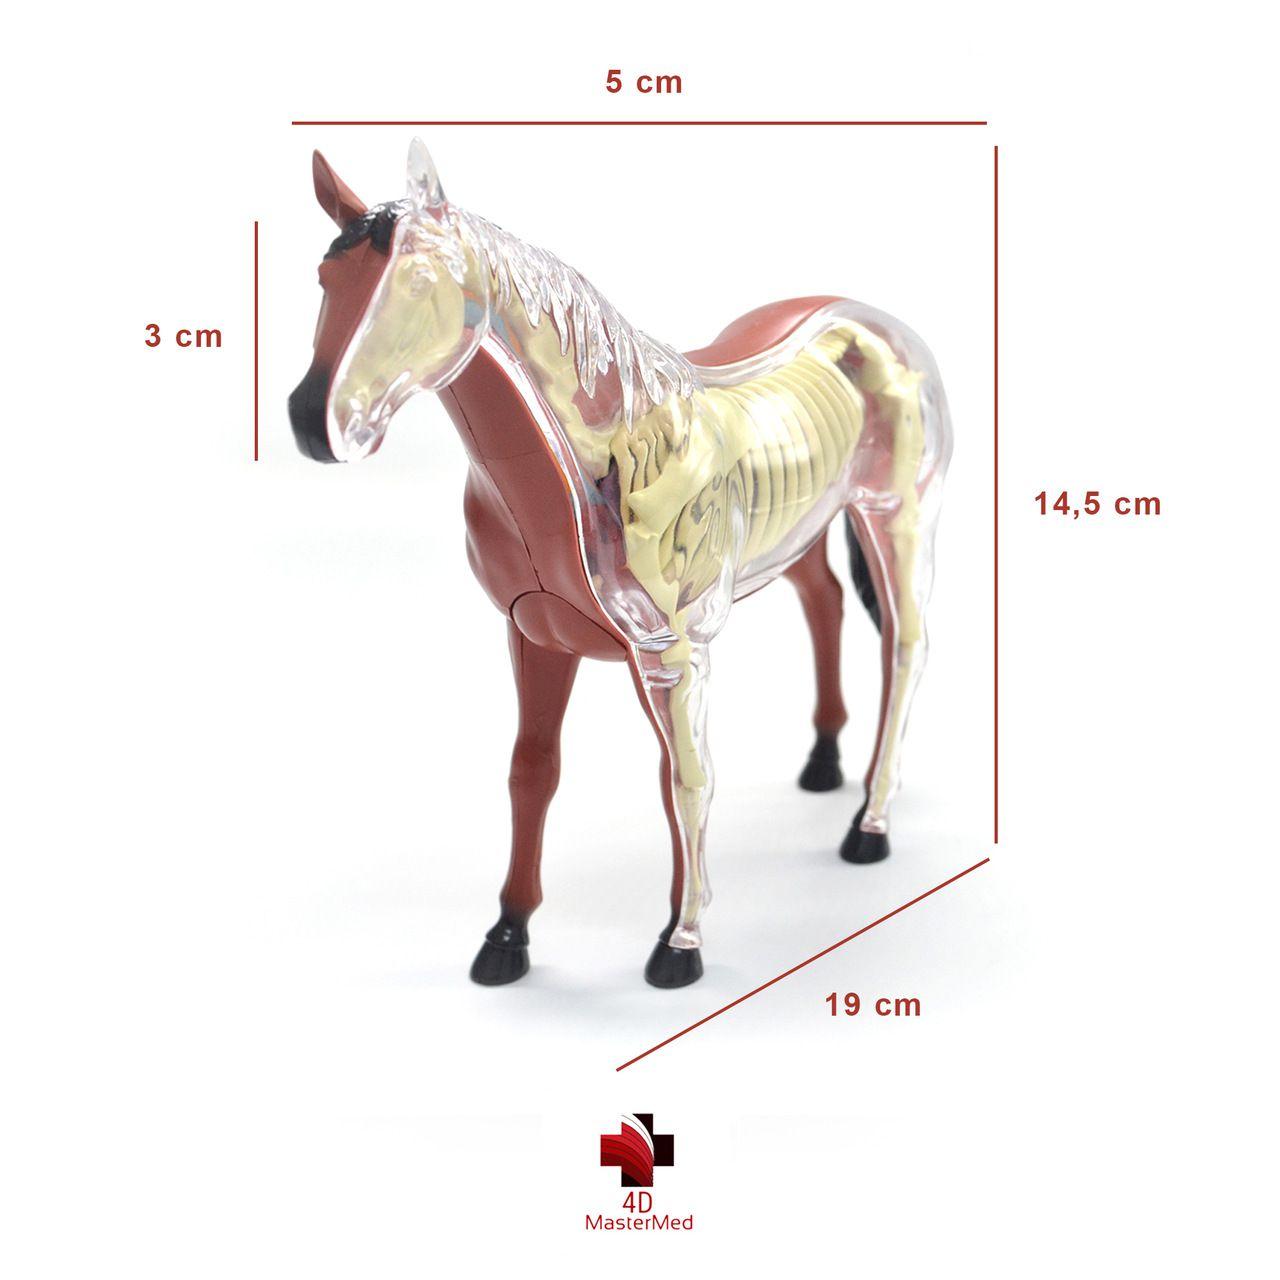 Kit Veterinário para estudo - Cavalo, Vaca, Galinha